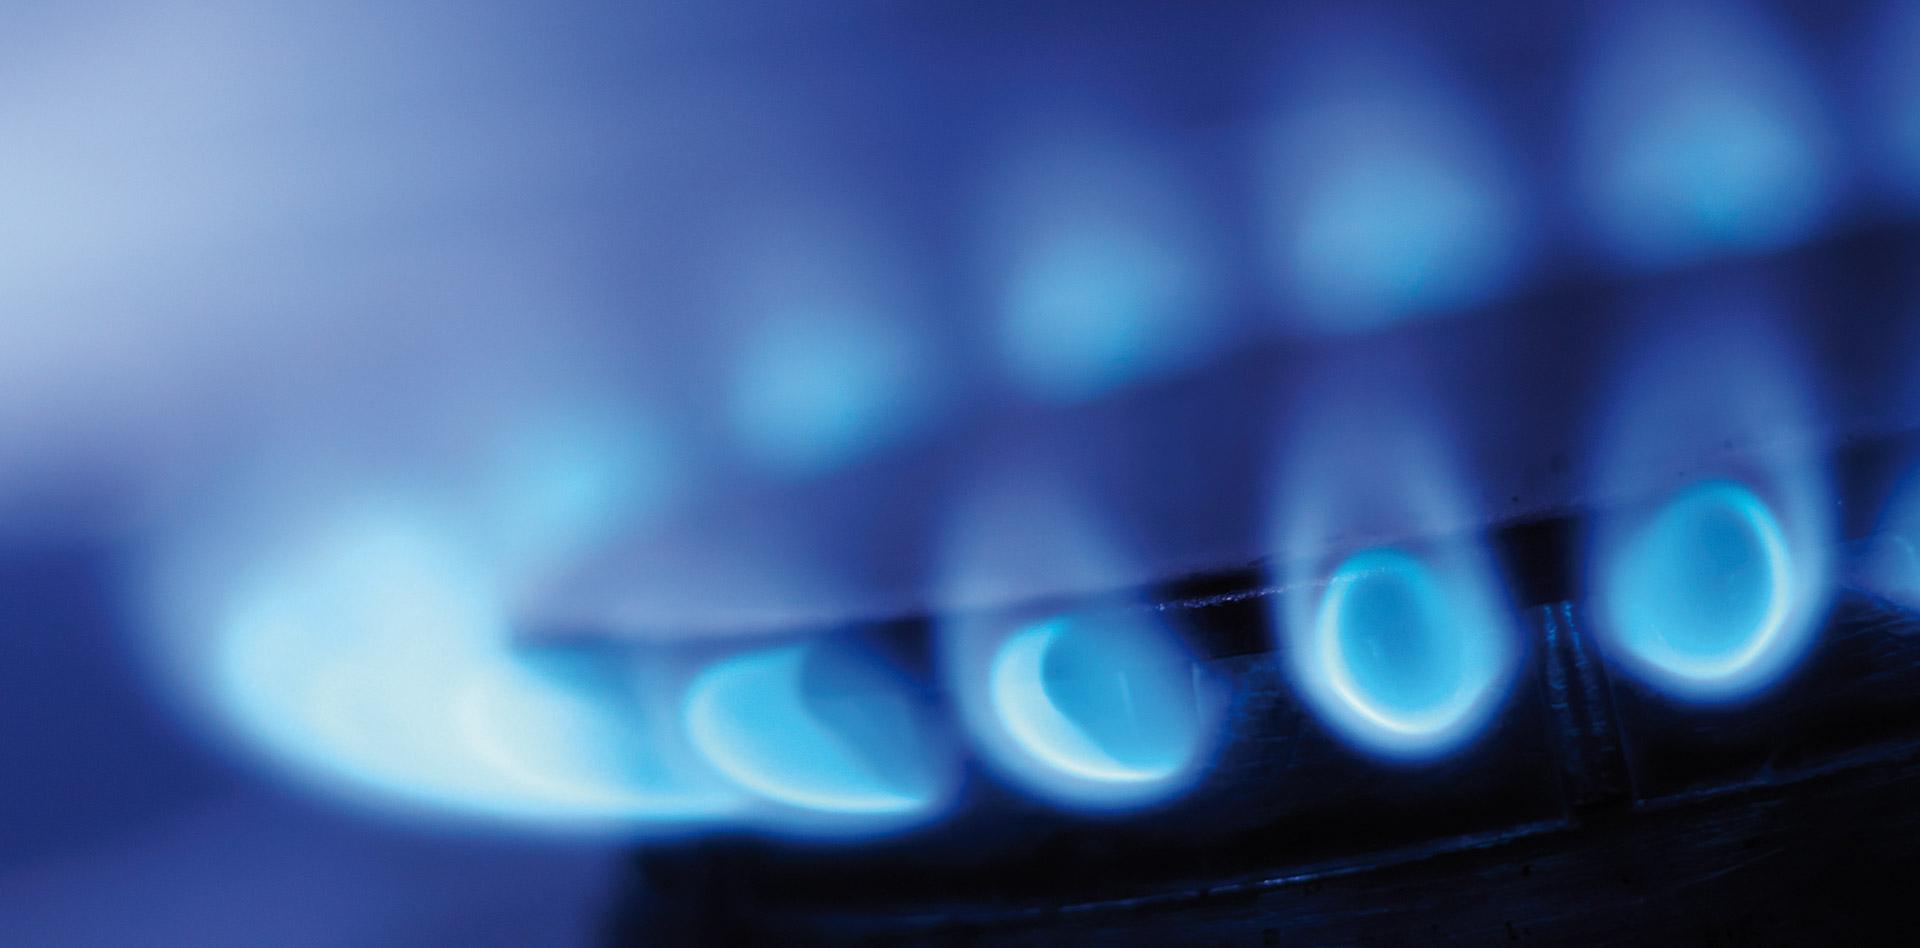 Brennwerttechnik Gas/Öl